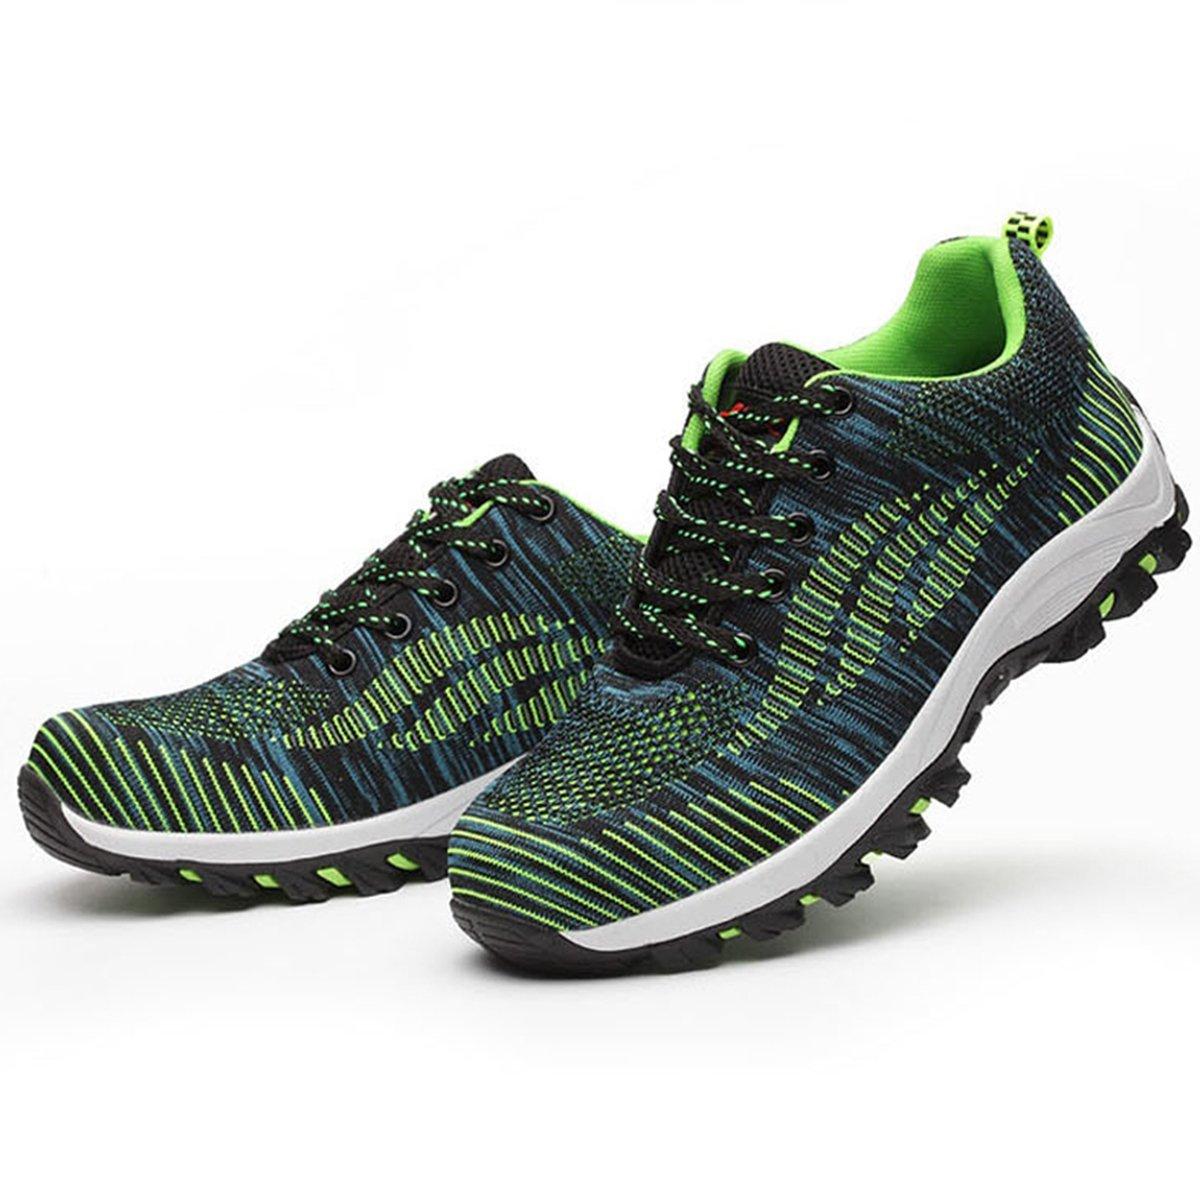 COOU Zapatillas de Seguridad Hombre Trabajo con Puntera de Acero Ligeras S3 Calzado de Trabajo para Comodas Zapatos de Industria y Construcci/ón